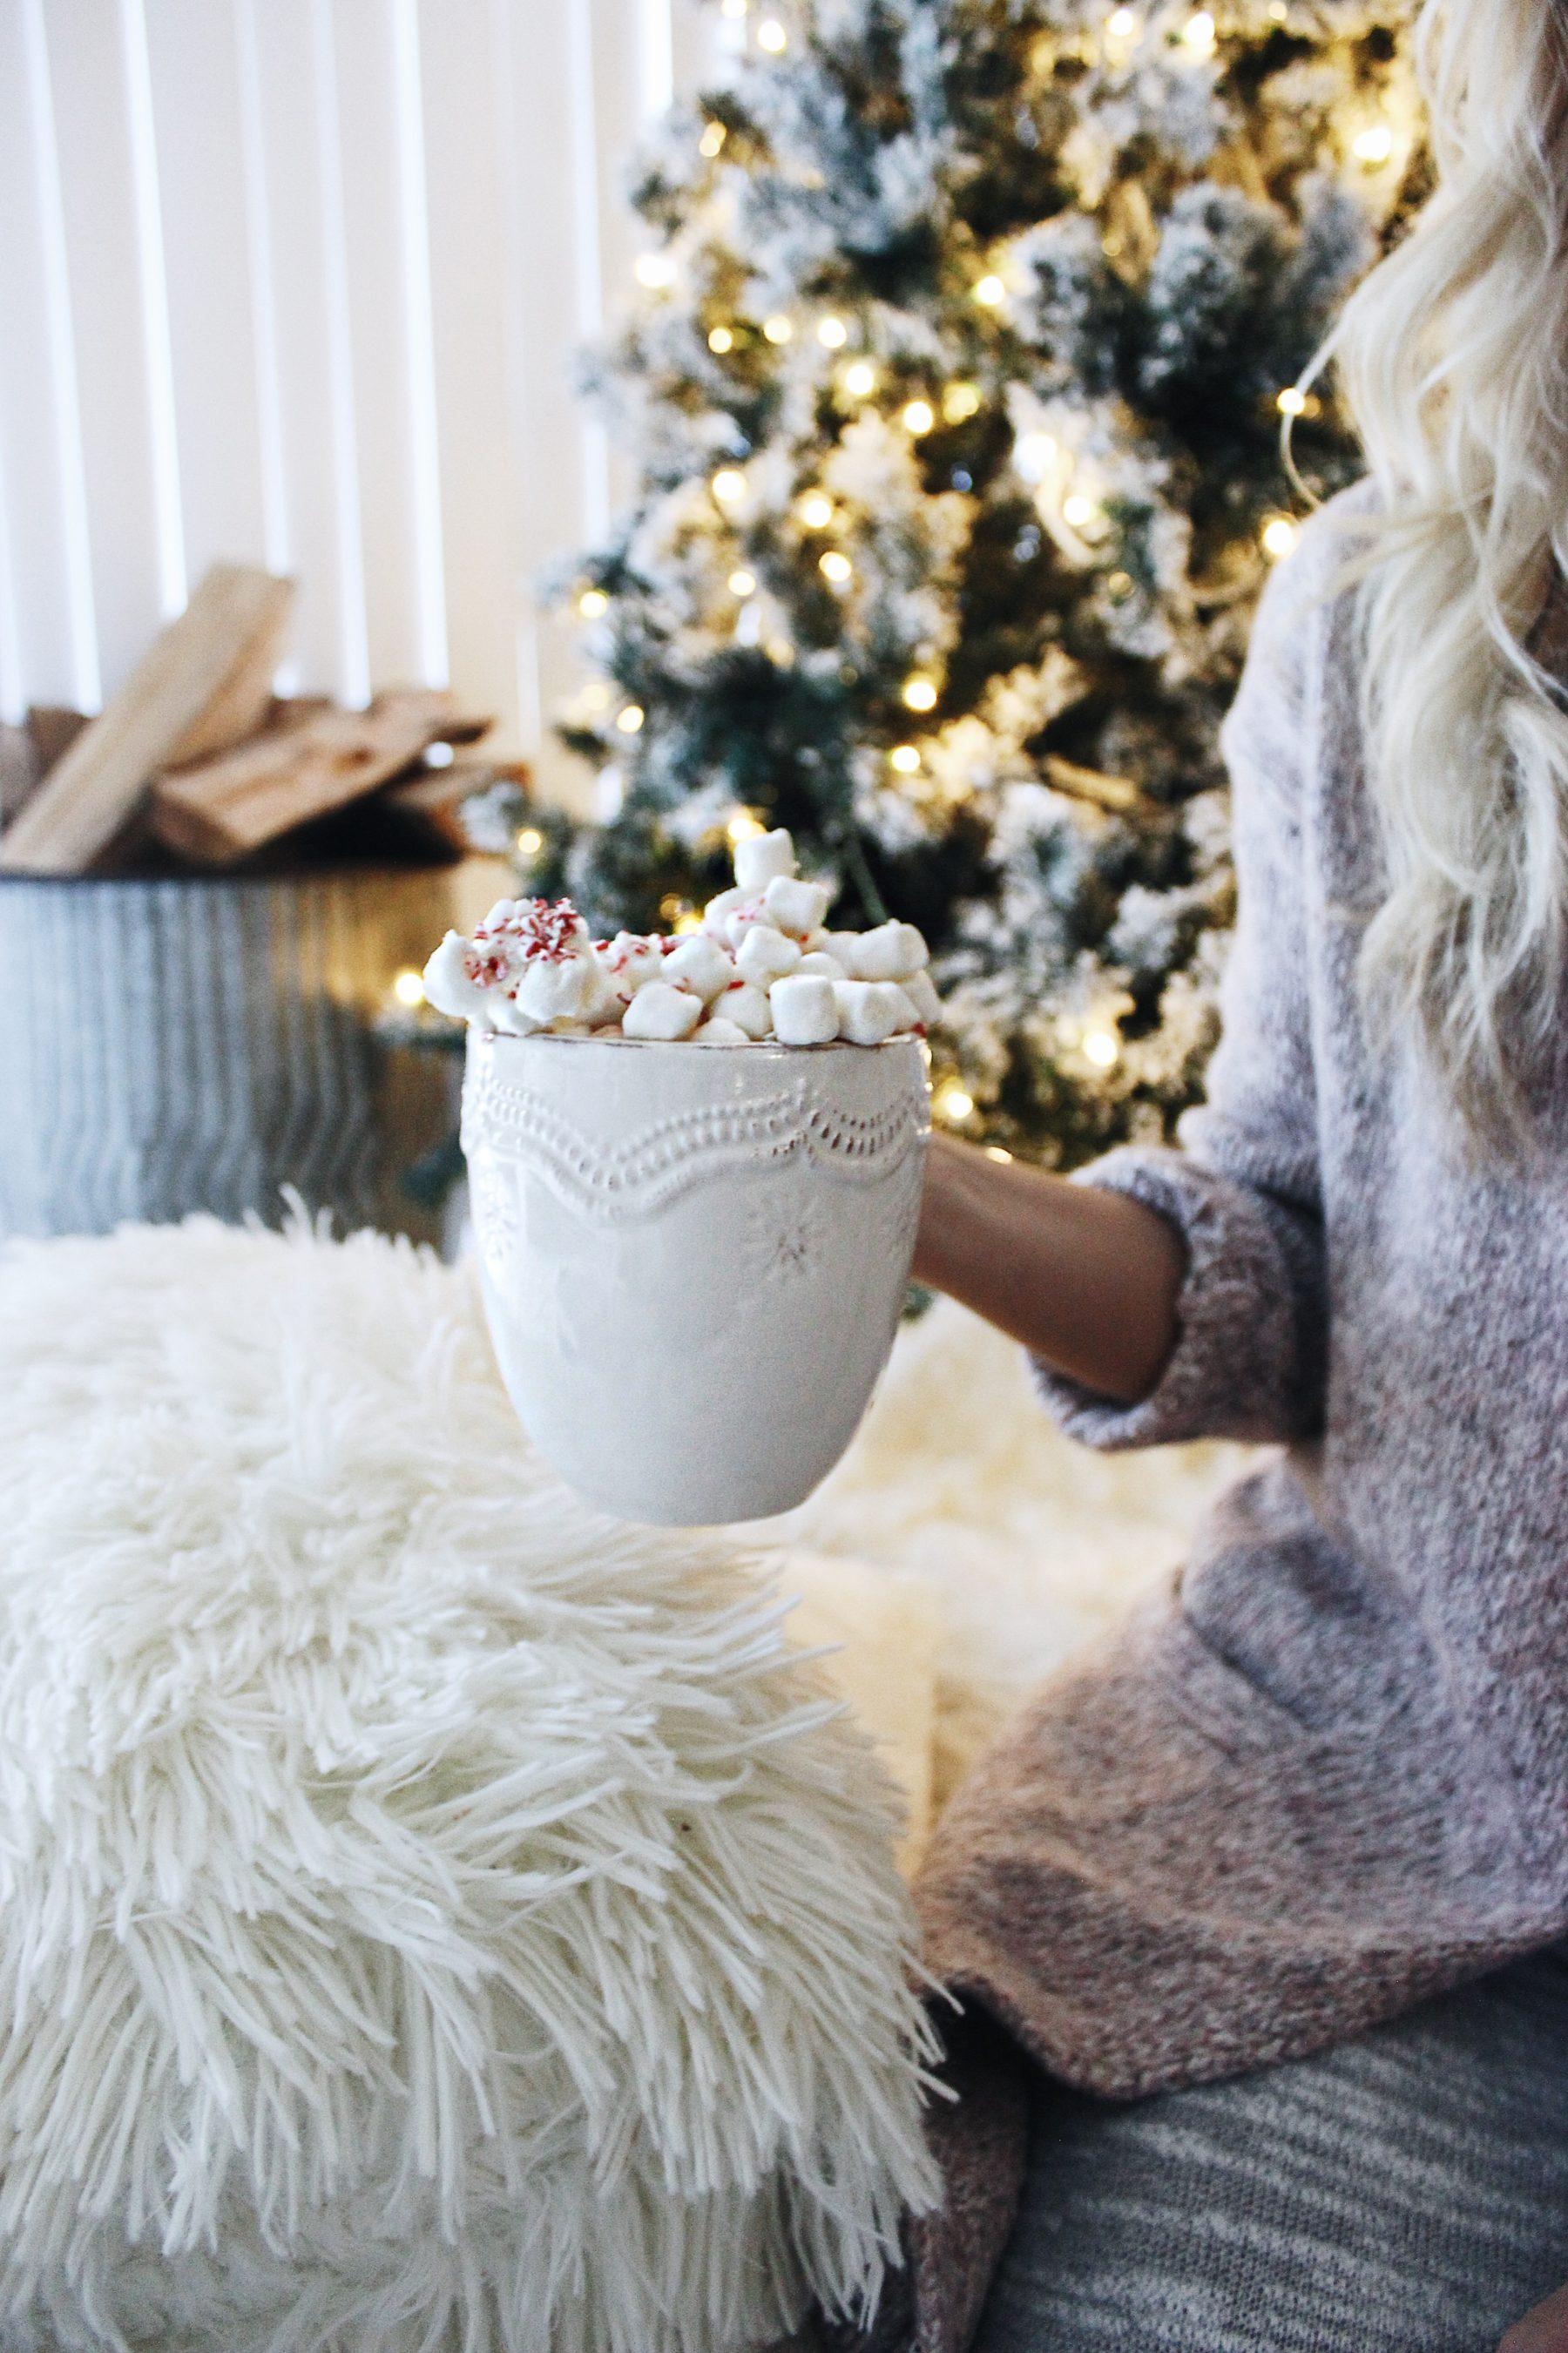 White Christmas Hot Chocolate